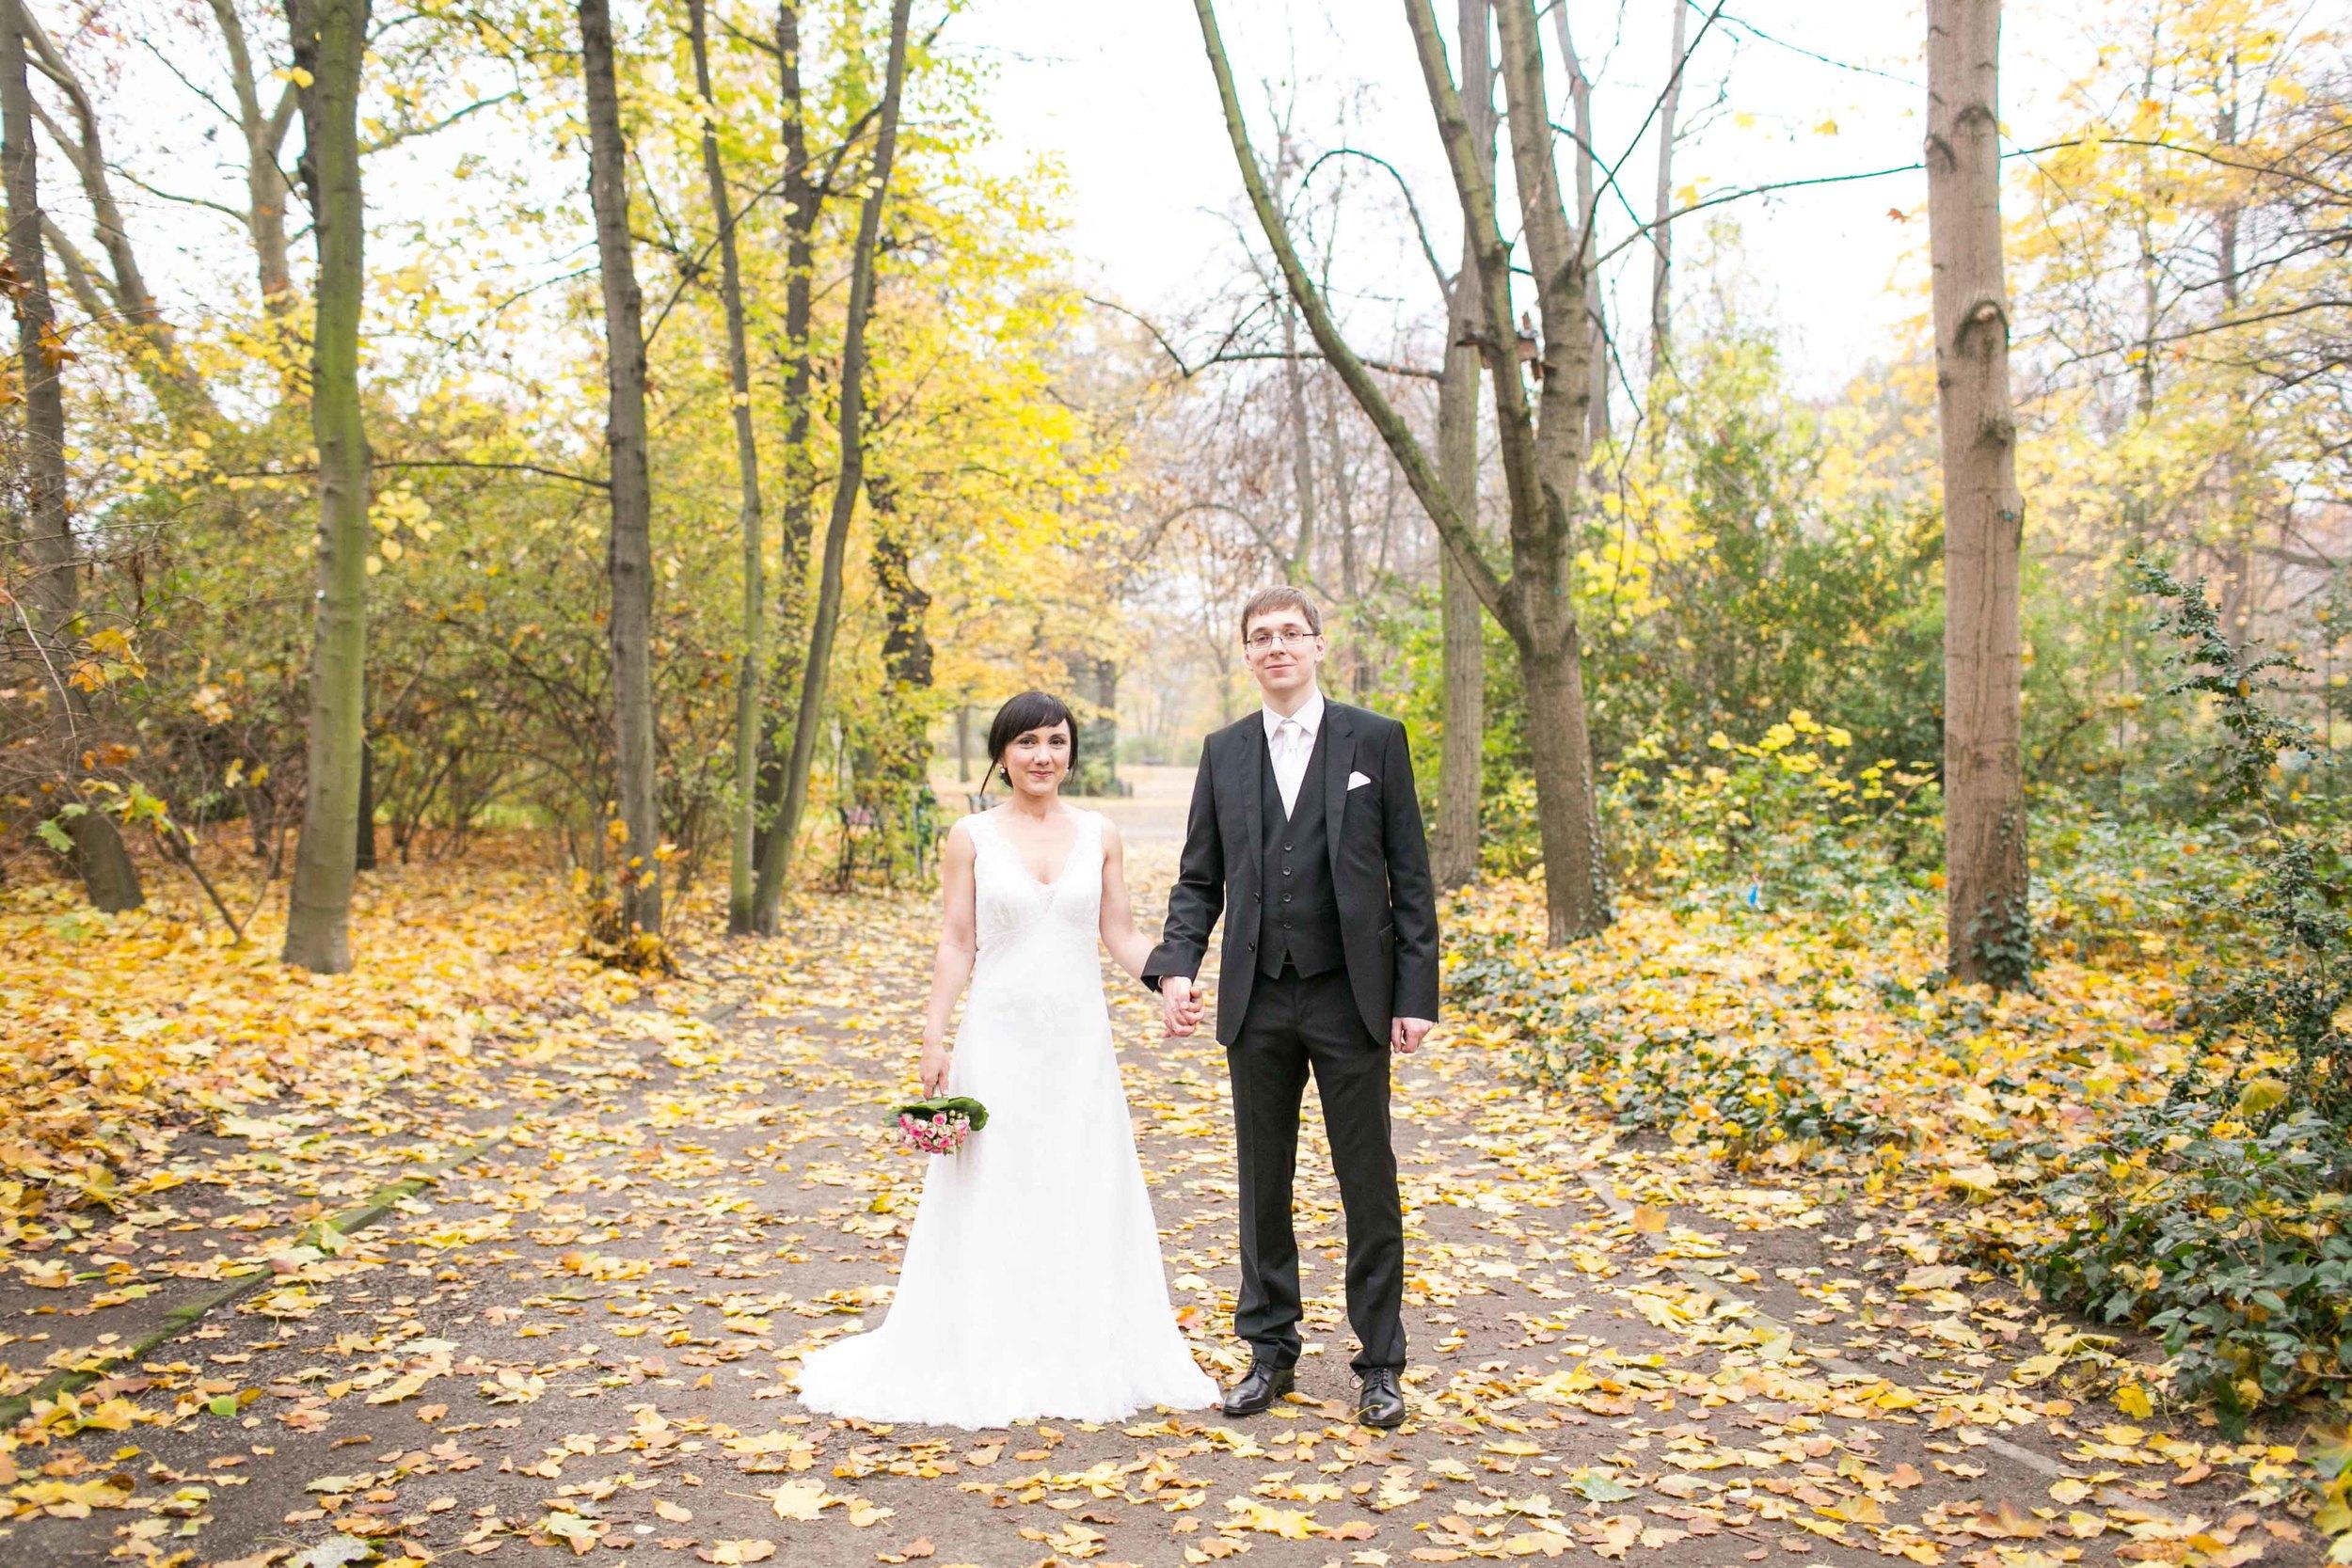 Fran Burrows Hochzeitsfotografie Berlin_Lichtenberg Standesamt-52.jpg